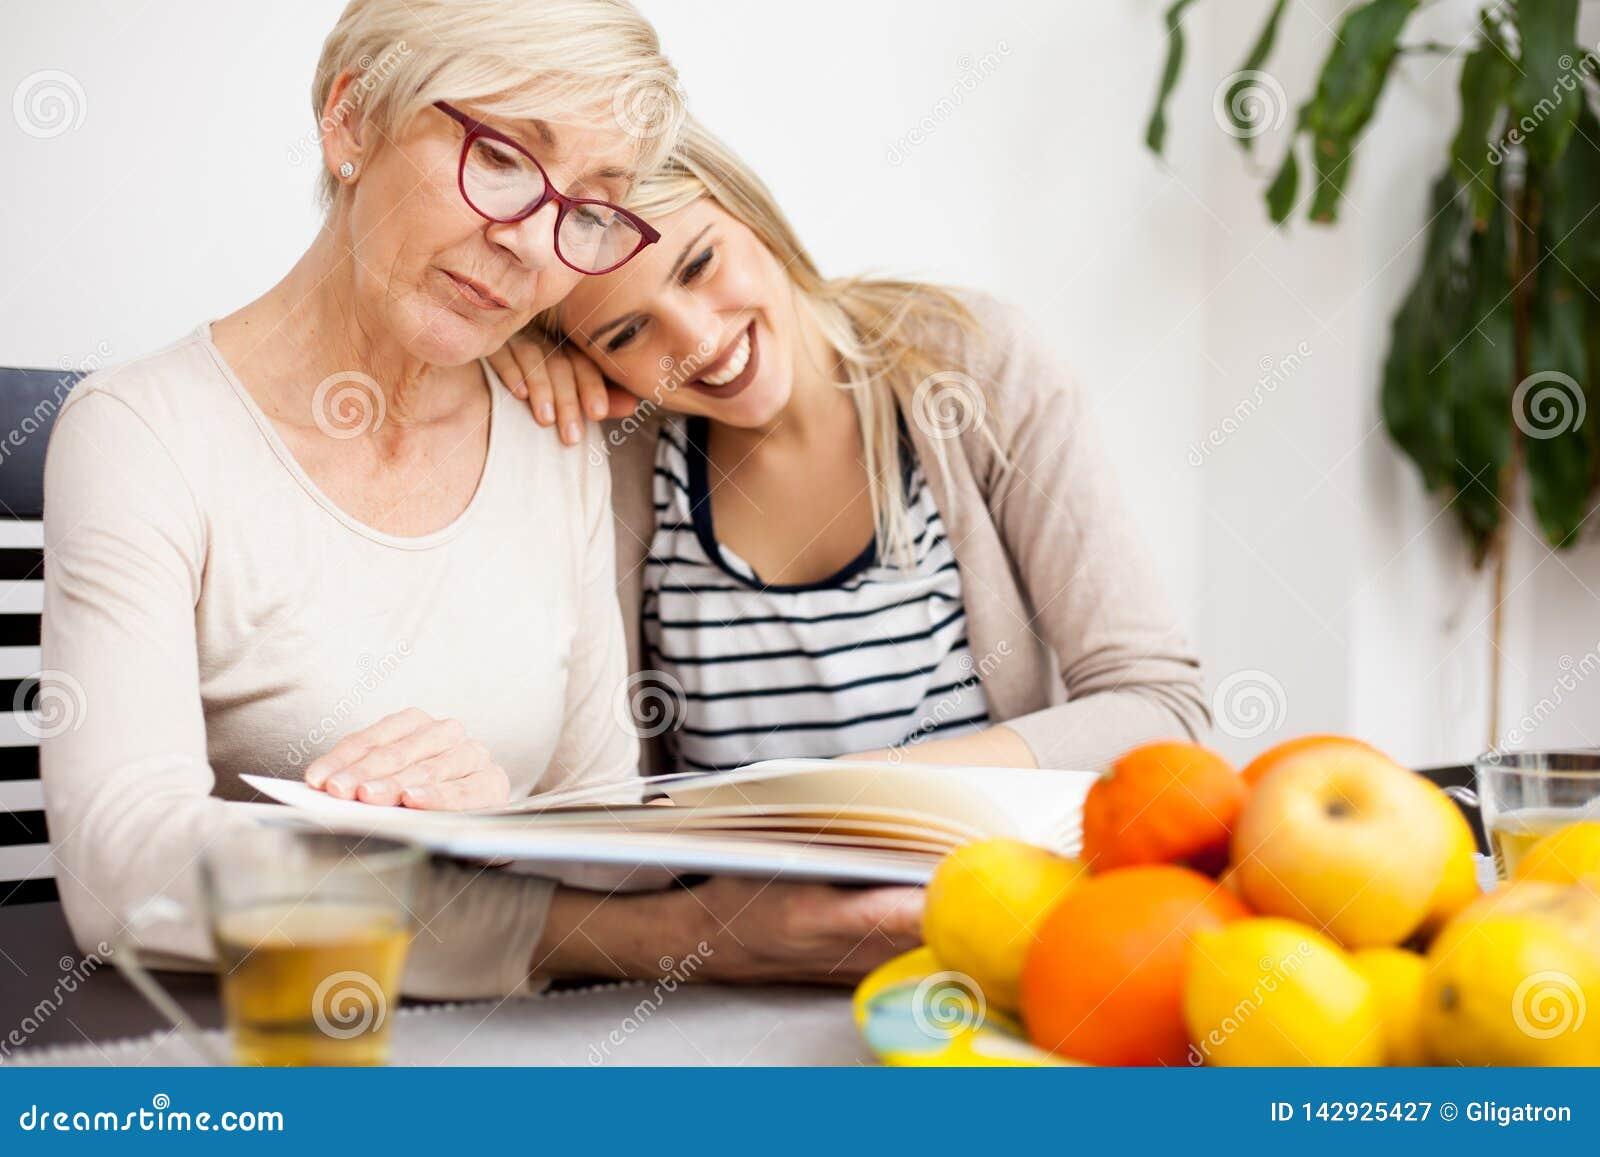 Ευτυχής ανώτερη μητέρα και η κόρη της που εξετάζουν το λεύκωμα οικογενειακών φωτογραφιών καθμένος σε έναν να δειπνήσει πίνακα Κεφ